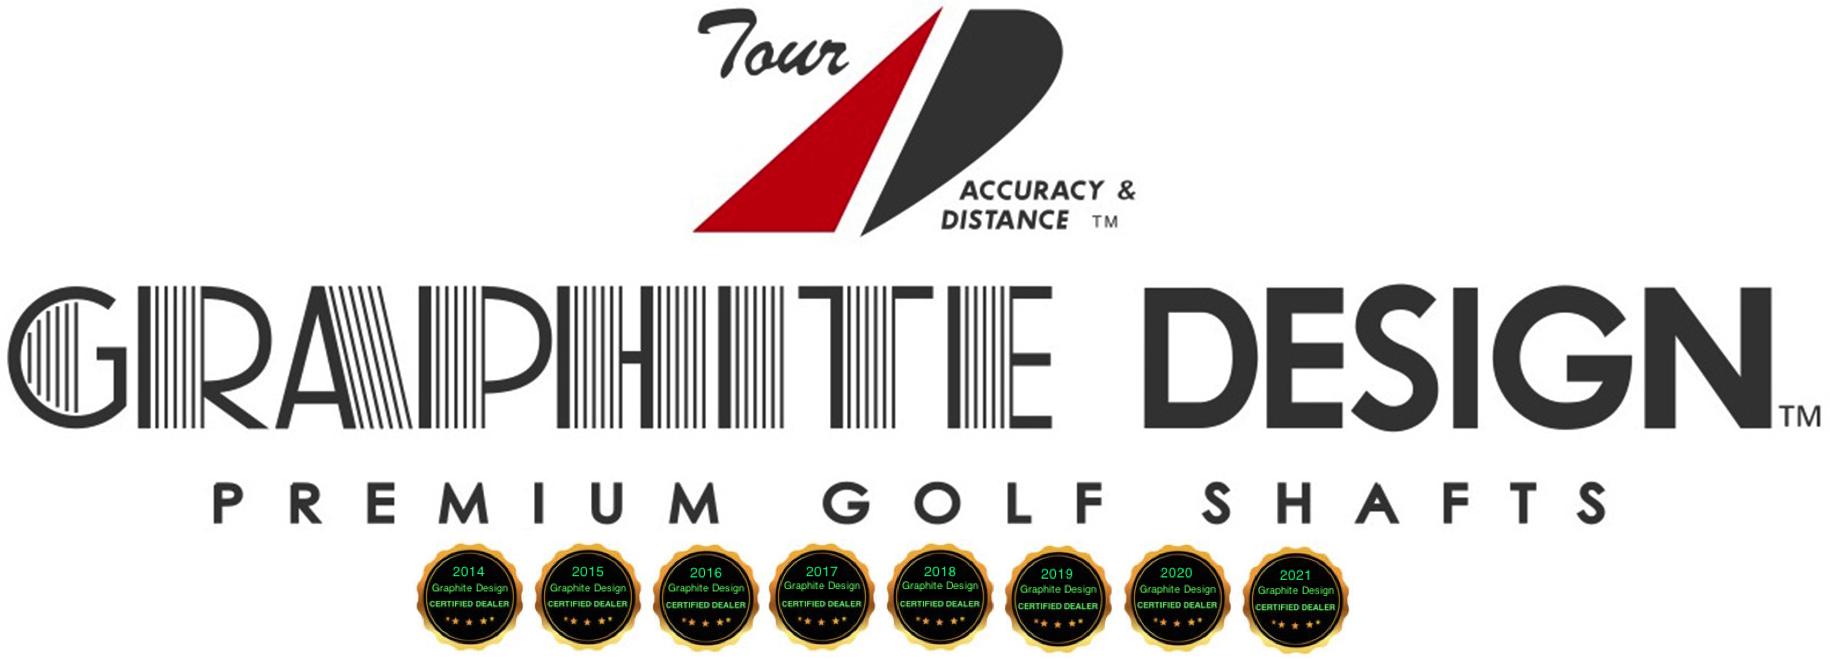 graphite-design-best-custom-driver-golf-shafts-shaftshack-banner.jpg